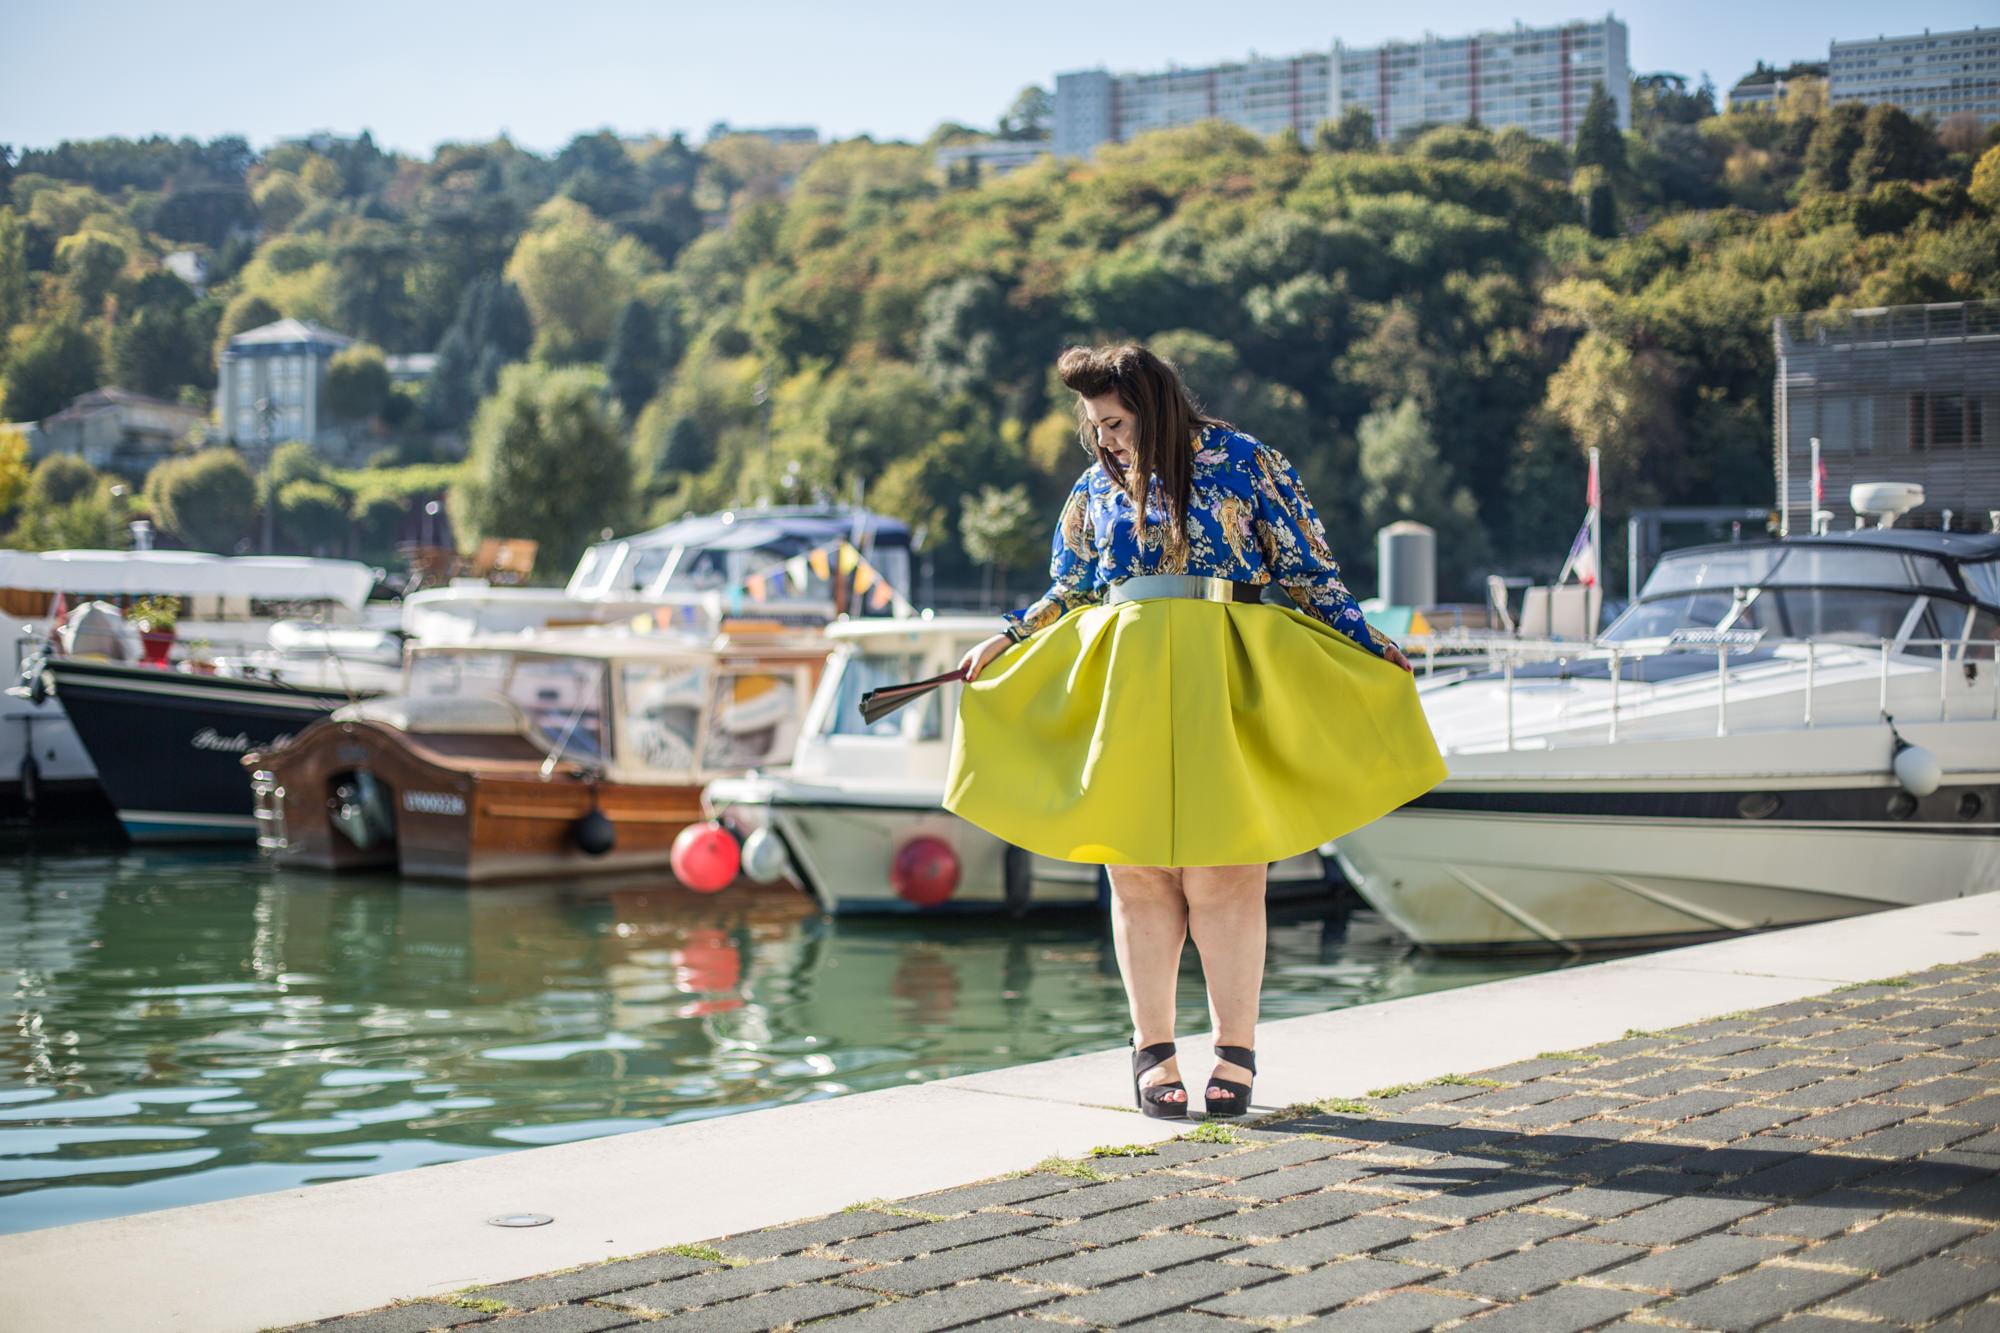 asos curve ashley stewart tiger yellow plus size bbw curvy blogger